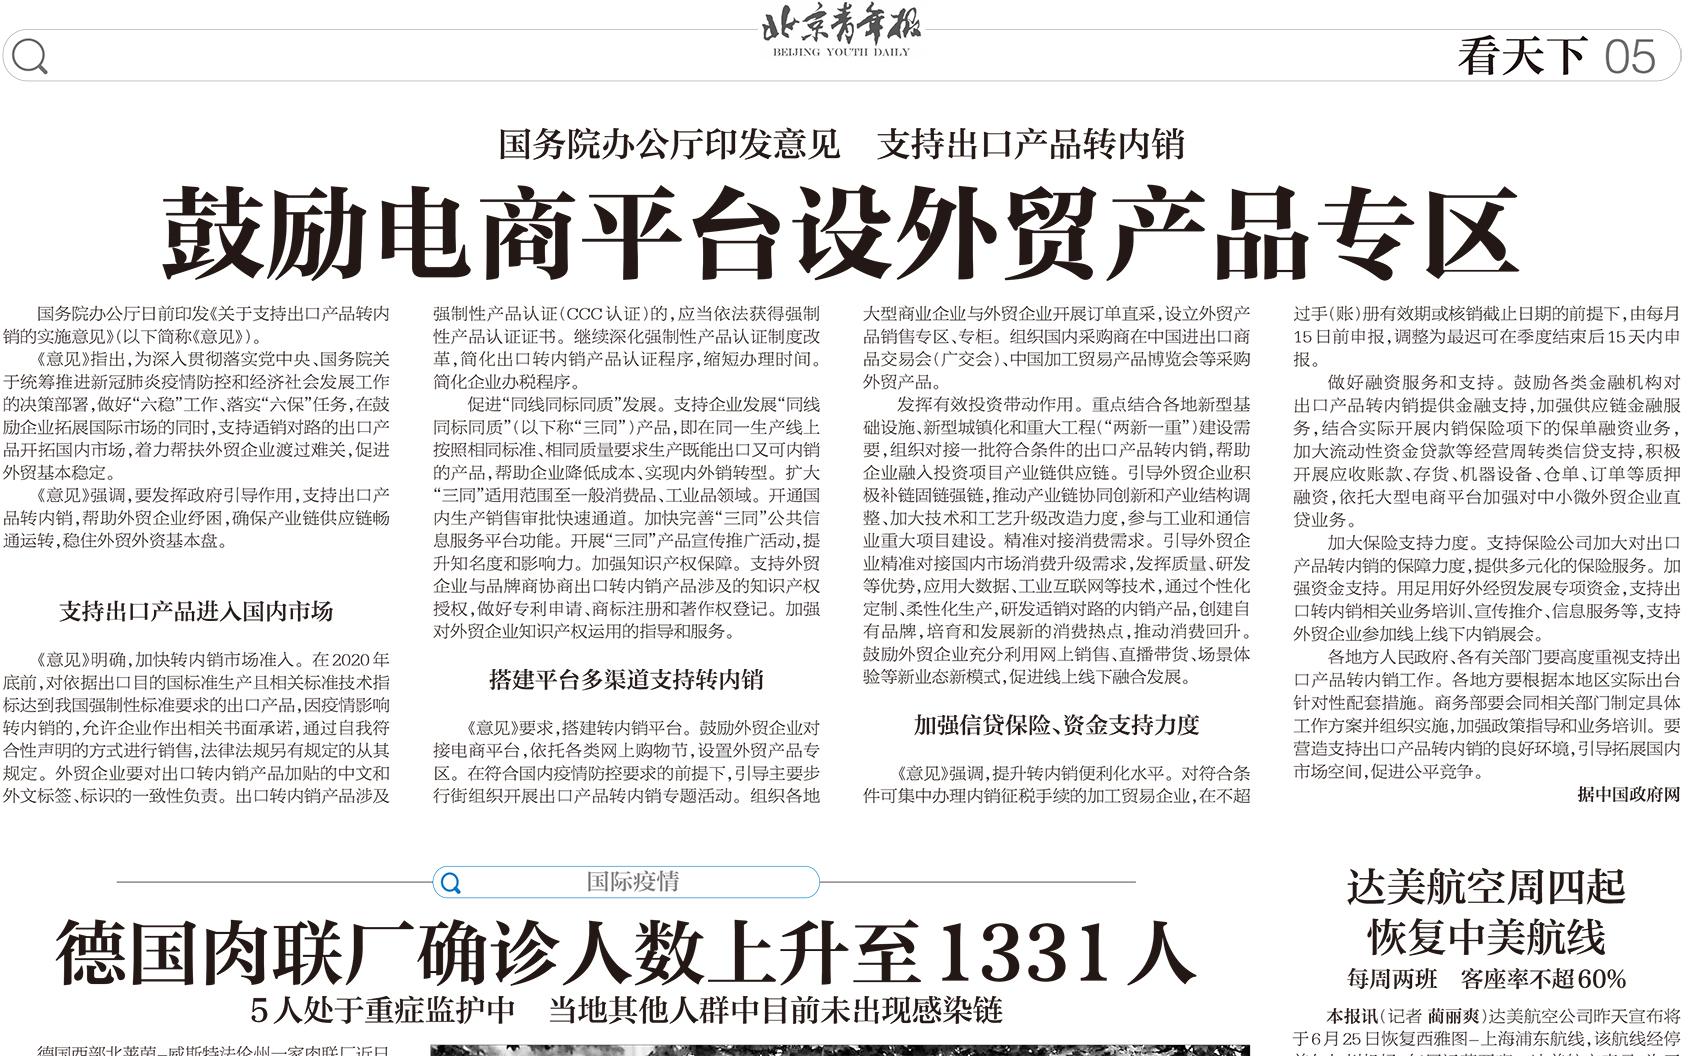 北京青年报遗失登报